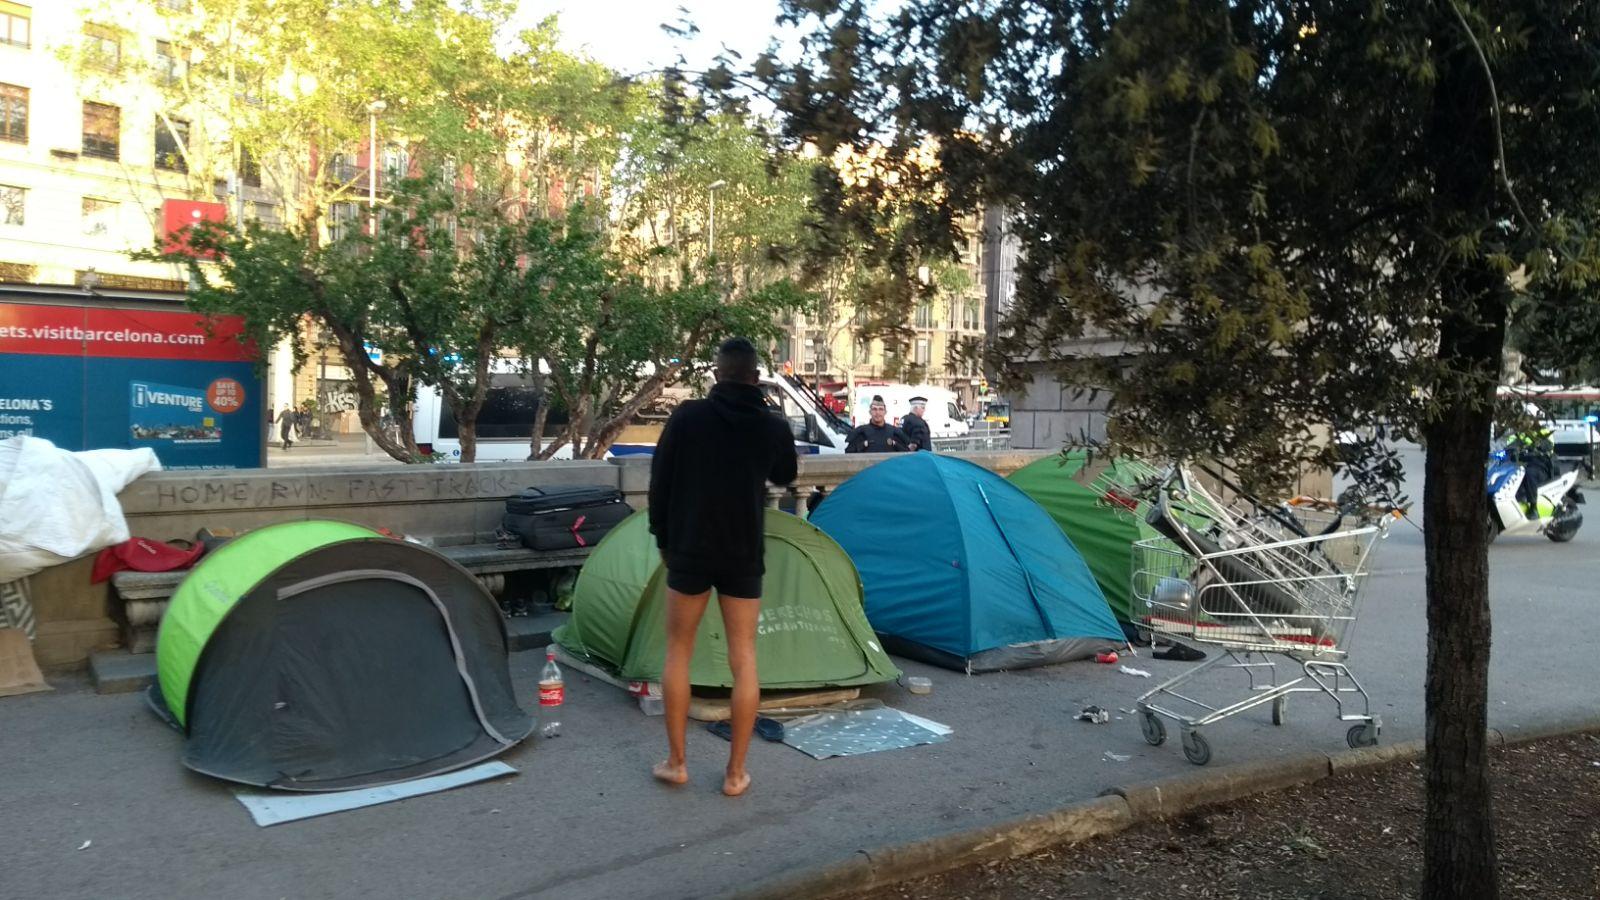 El Ayuntamiento de Barcelona desaloja los dos campamentos de plaza Catalunya antes de Sant Jordi